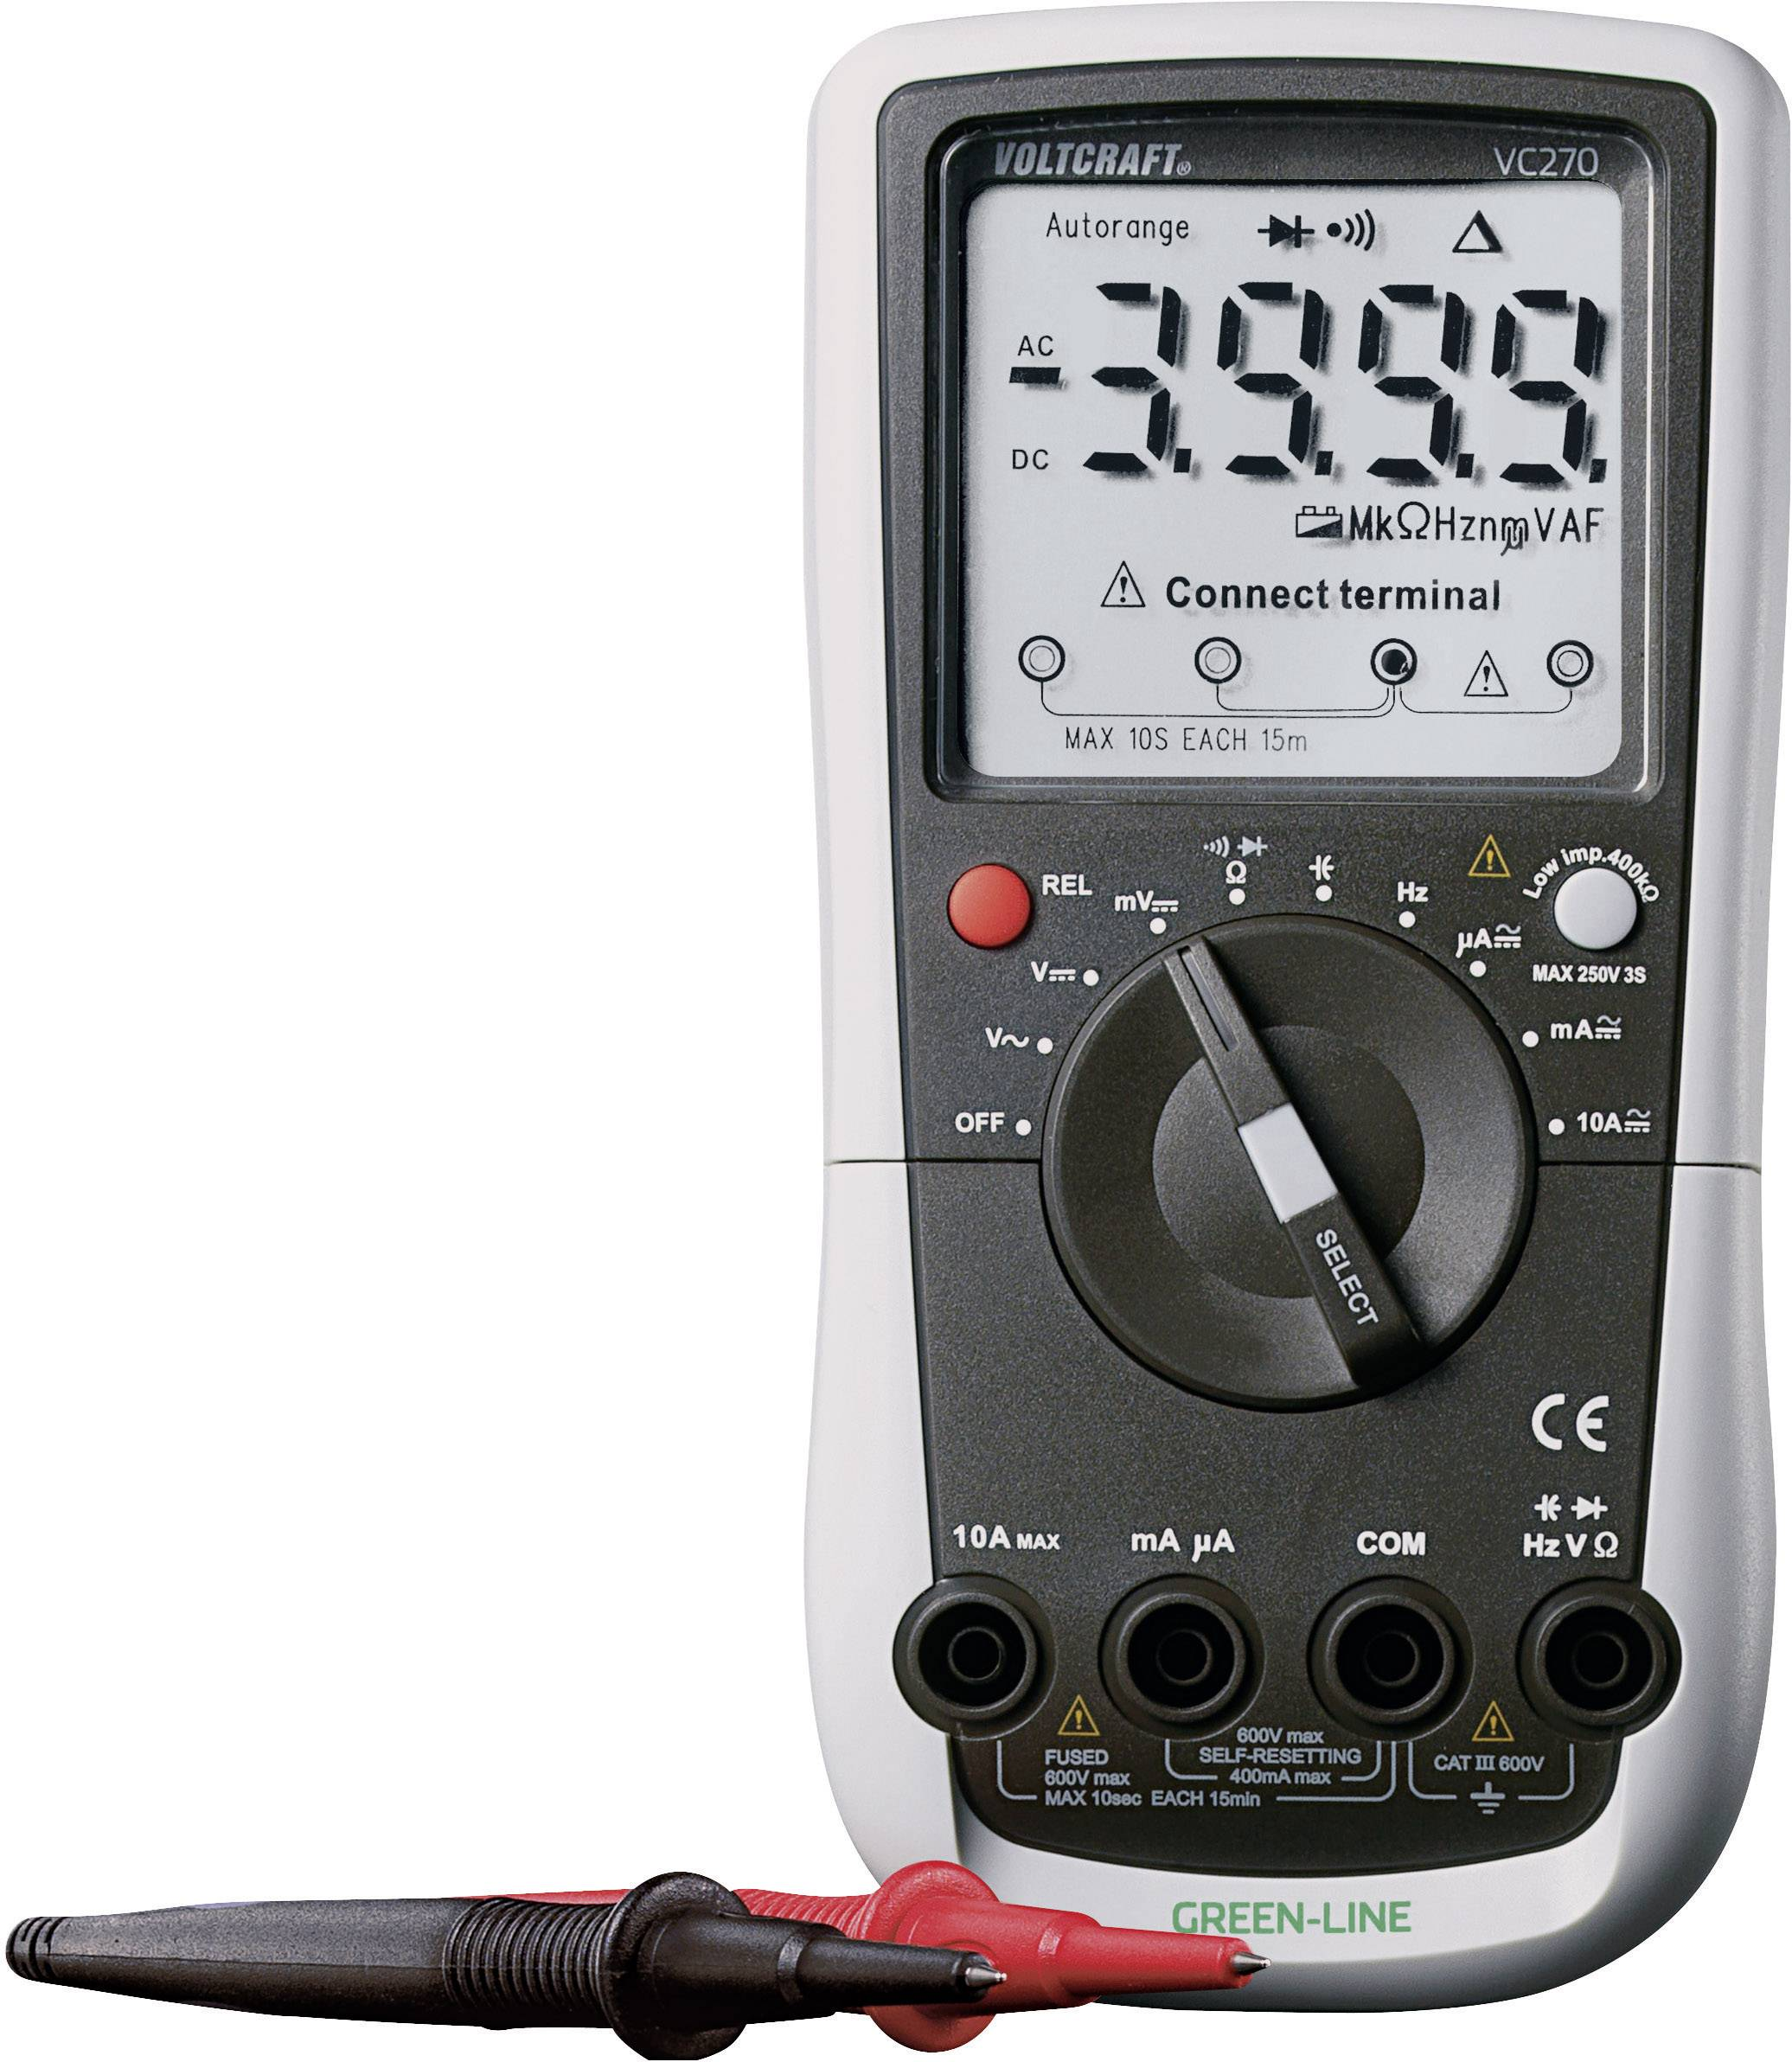 Digitálne/y ručný multimeter VOLTCRAFT VC270, kalibrácia podľa ISO